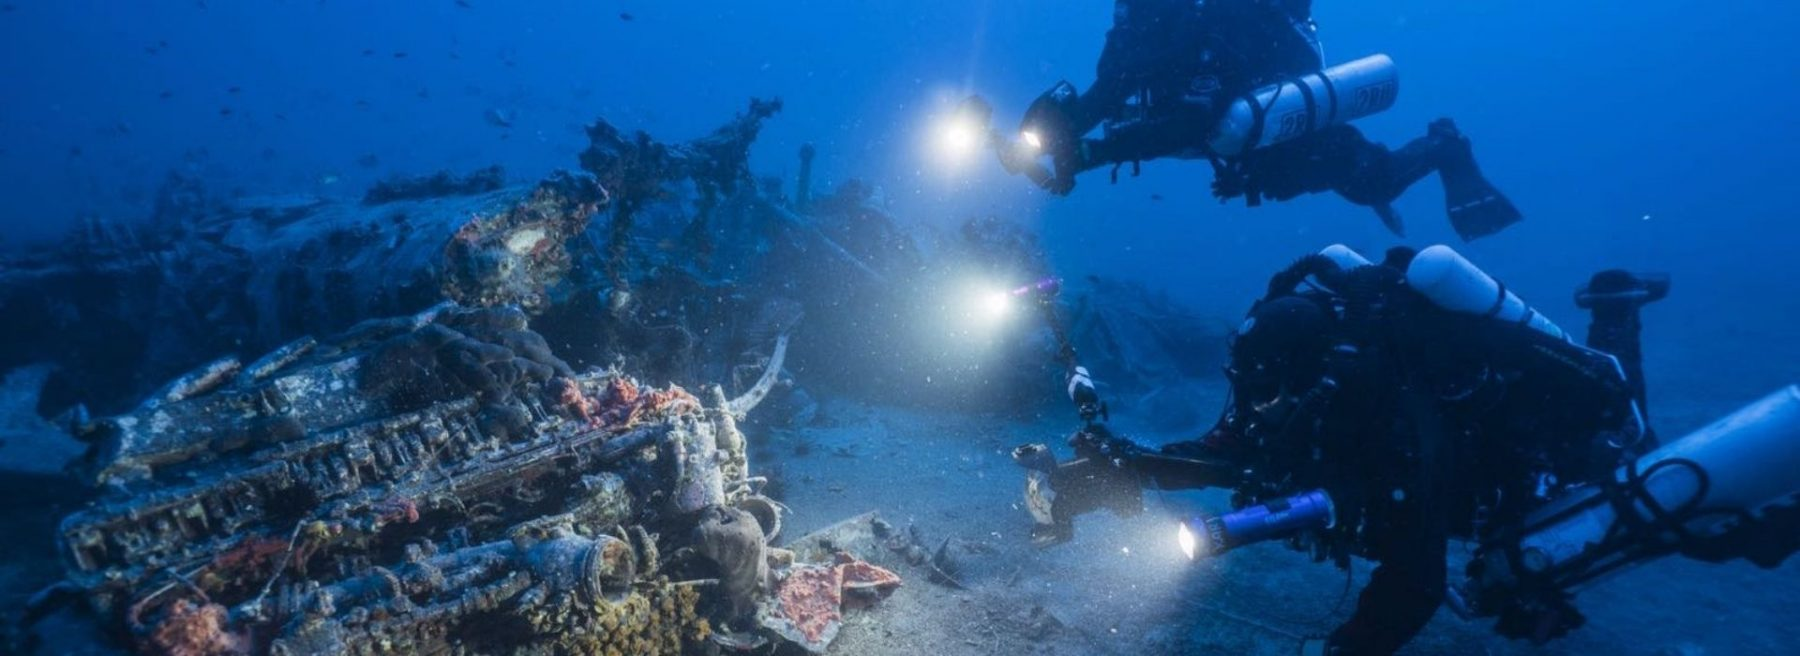 Wartime Wrecks